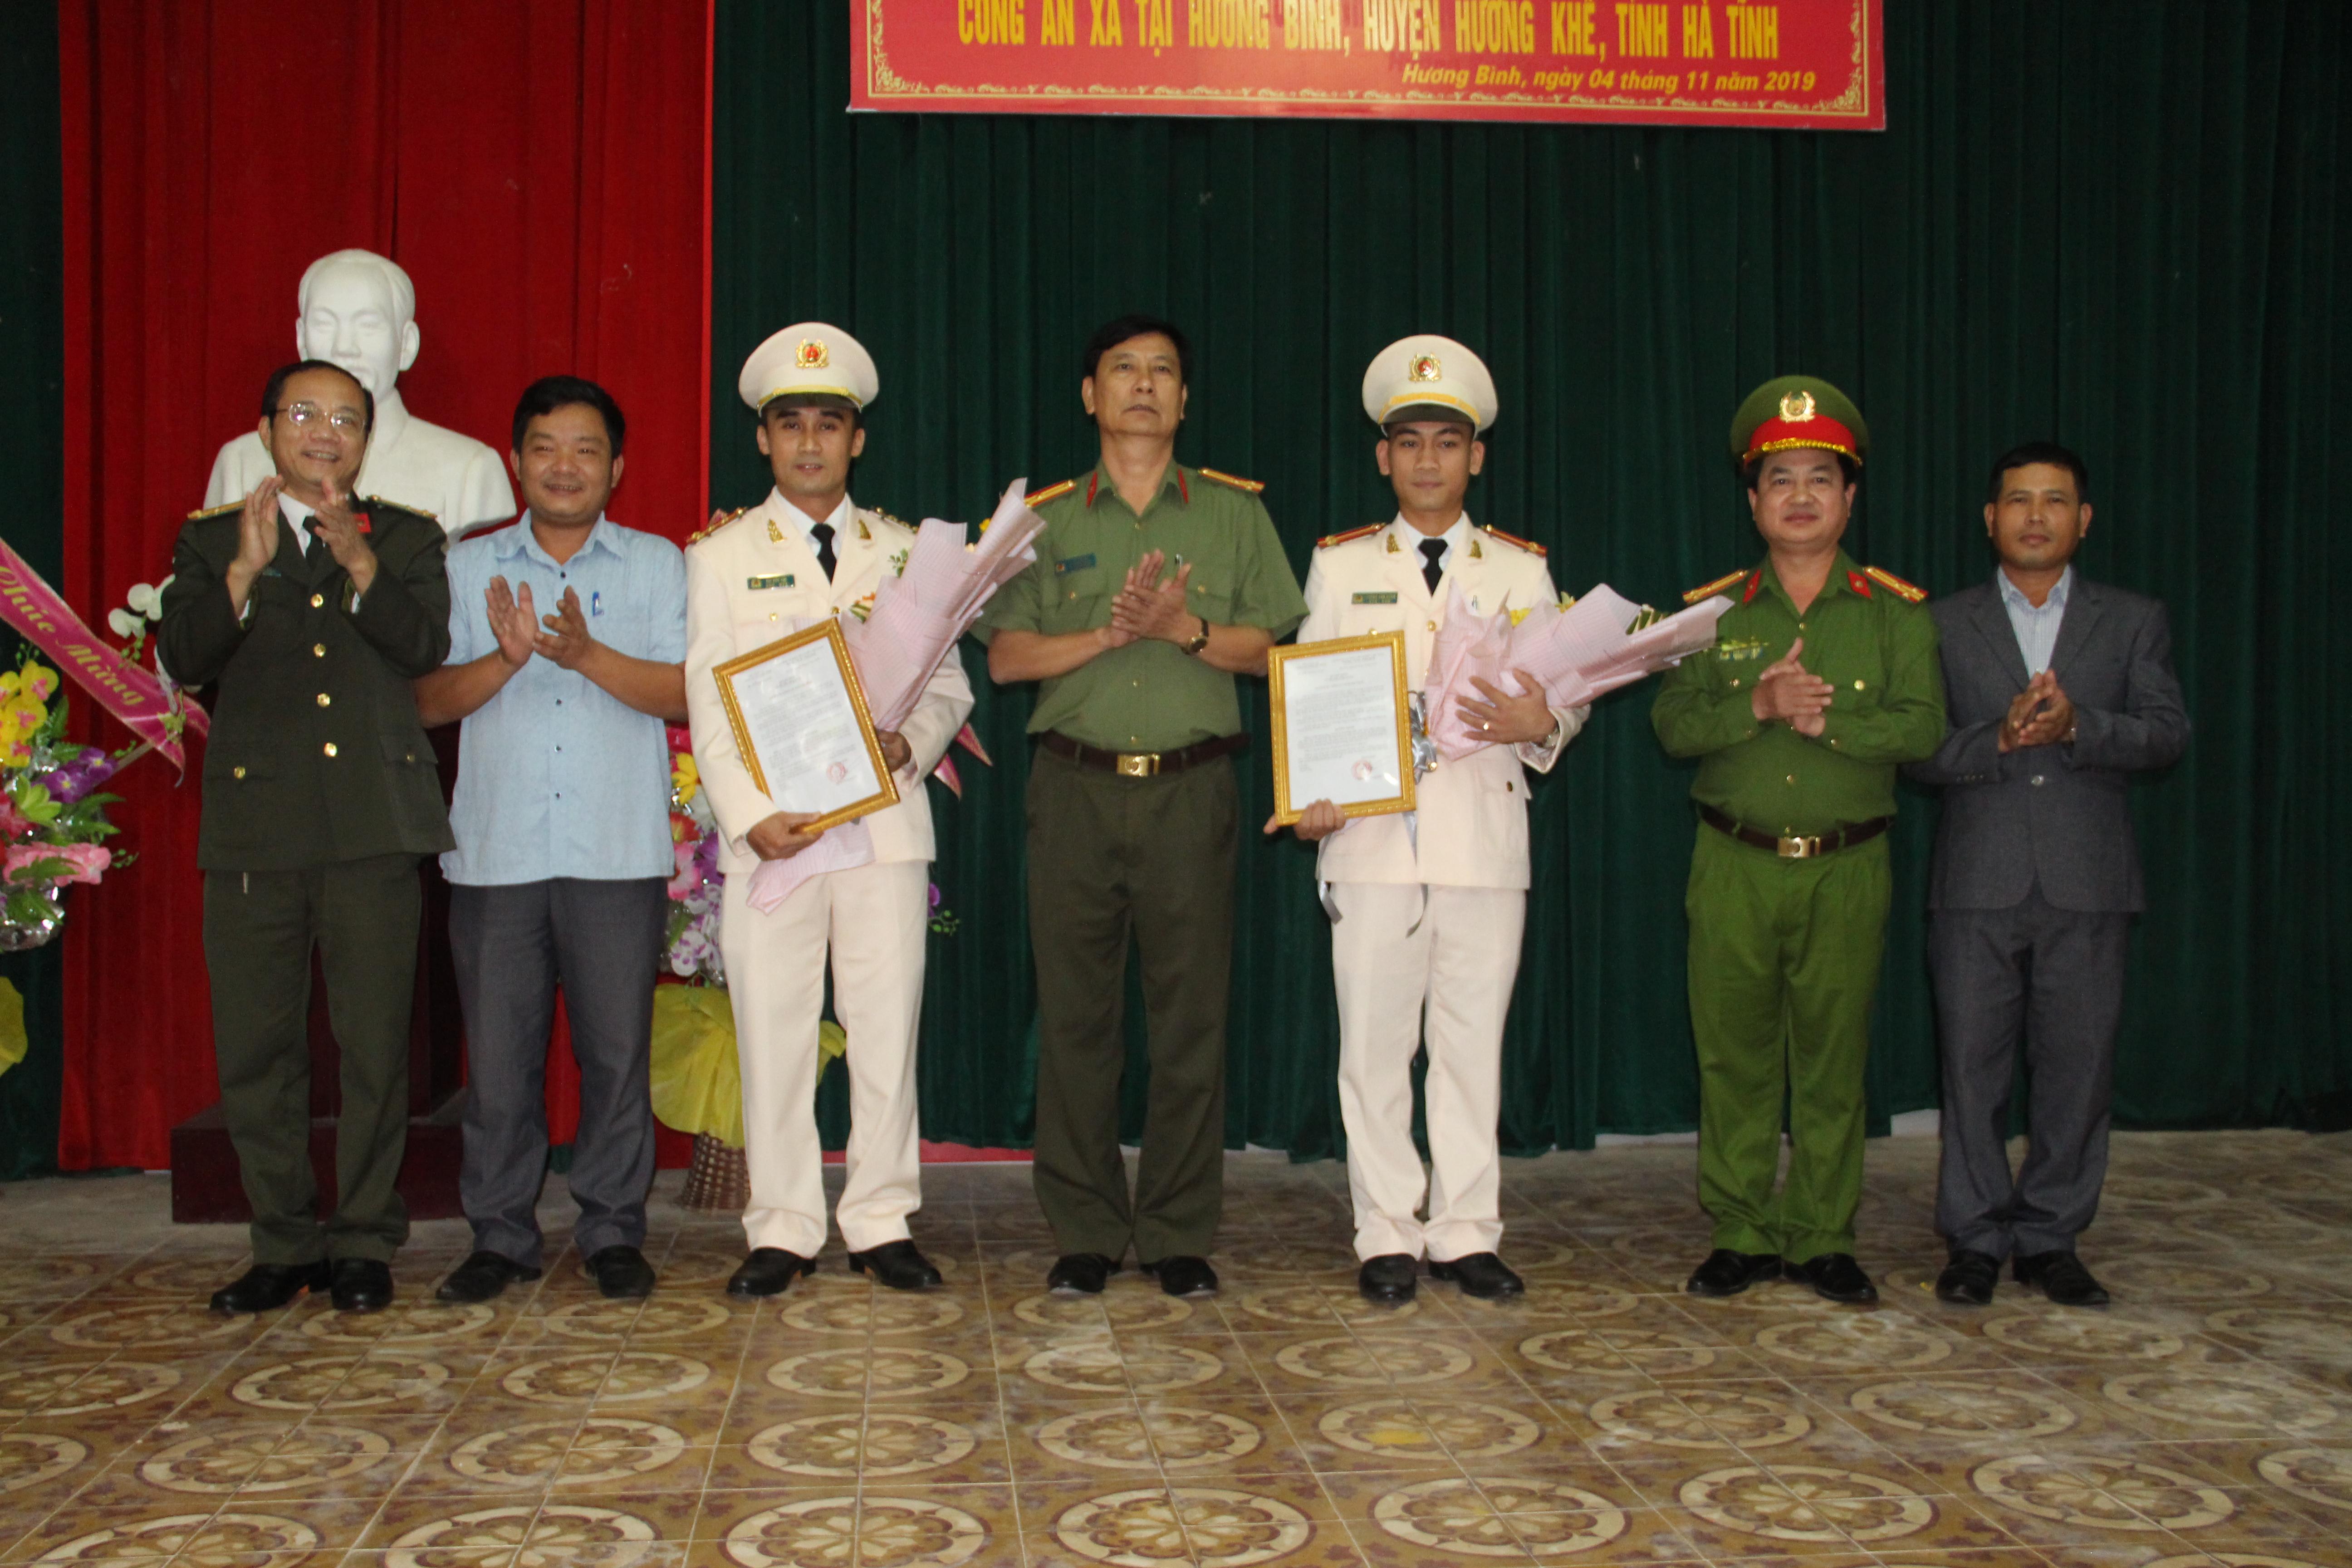 Hương Khê: Điều động 4 công an chính quy đảm nhiệm chức danh trưởng, phó công an xã